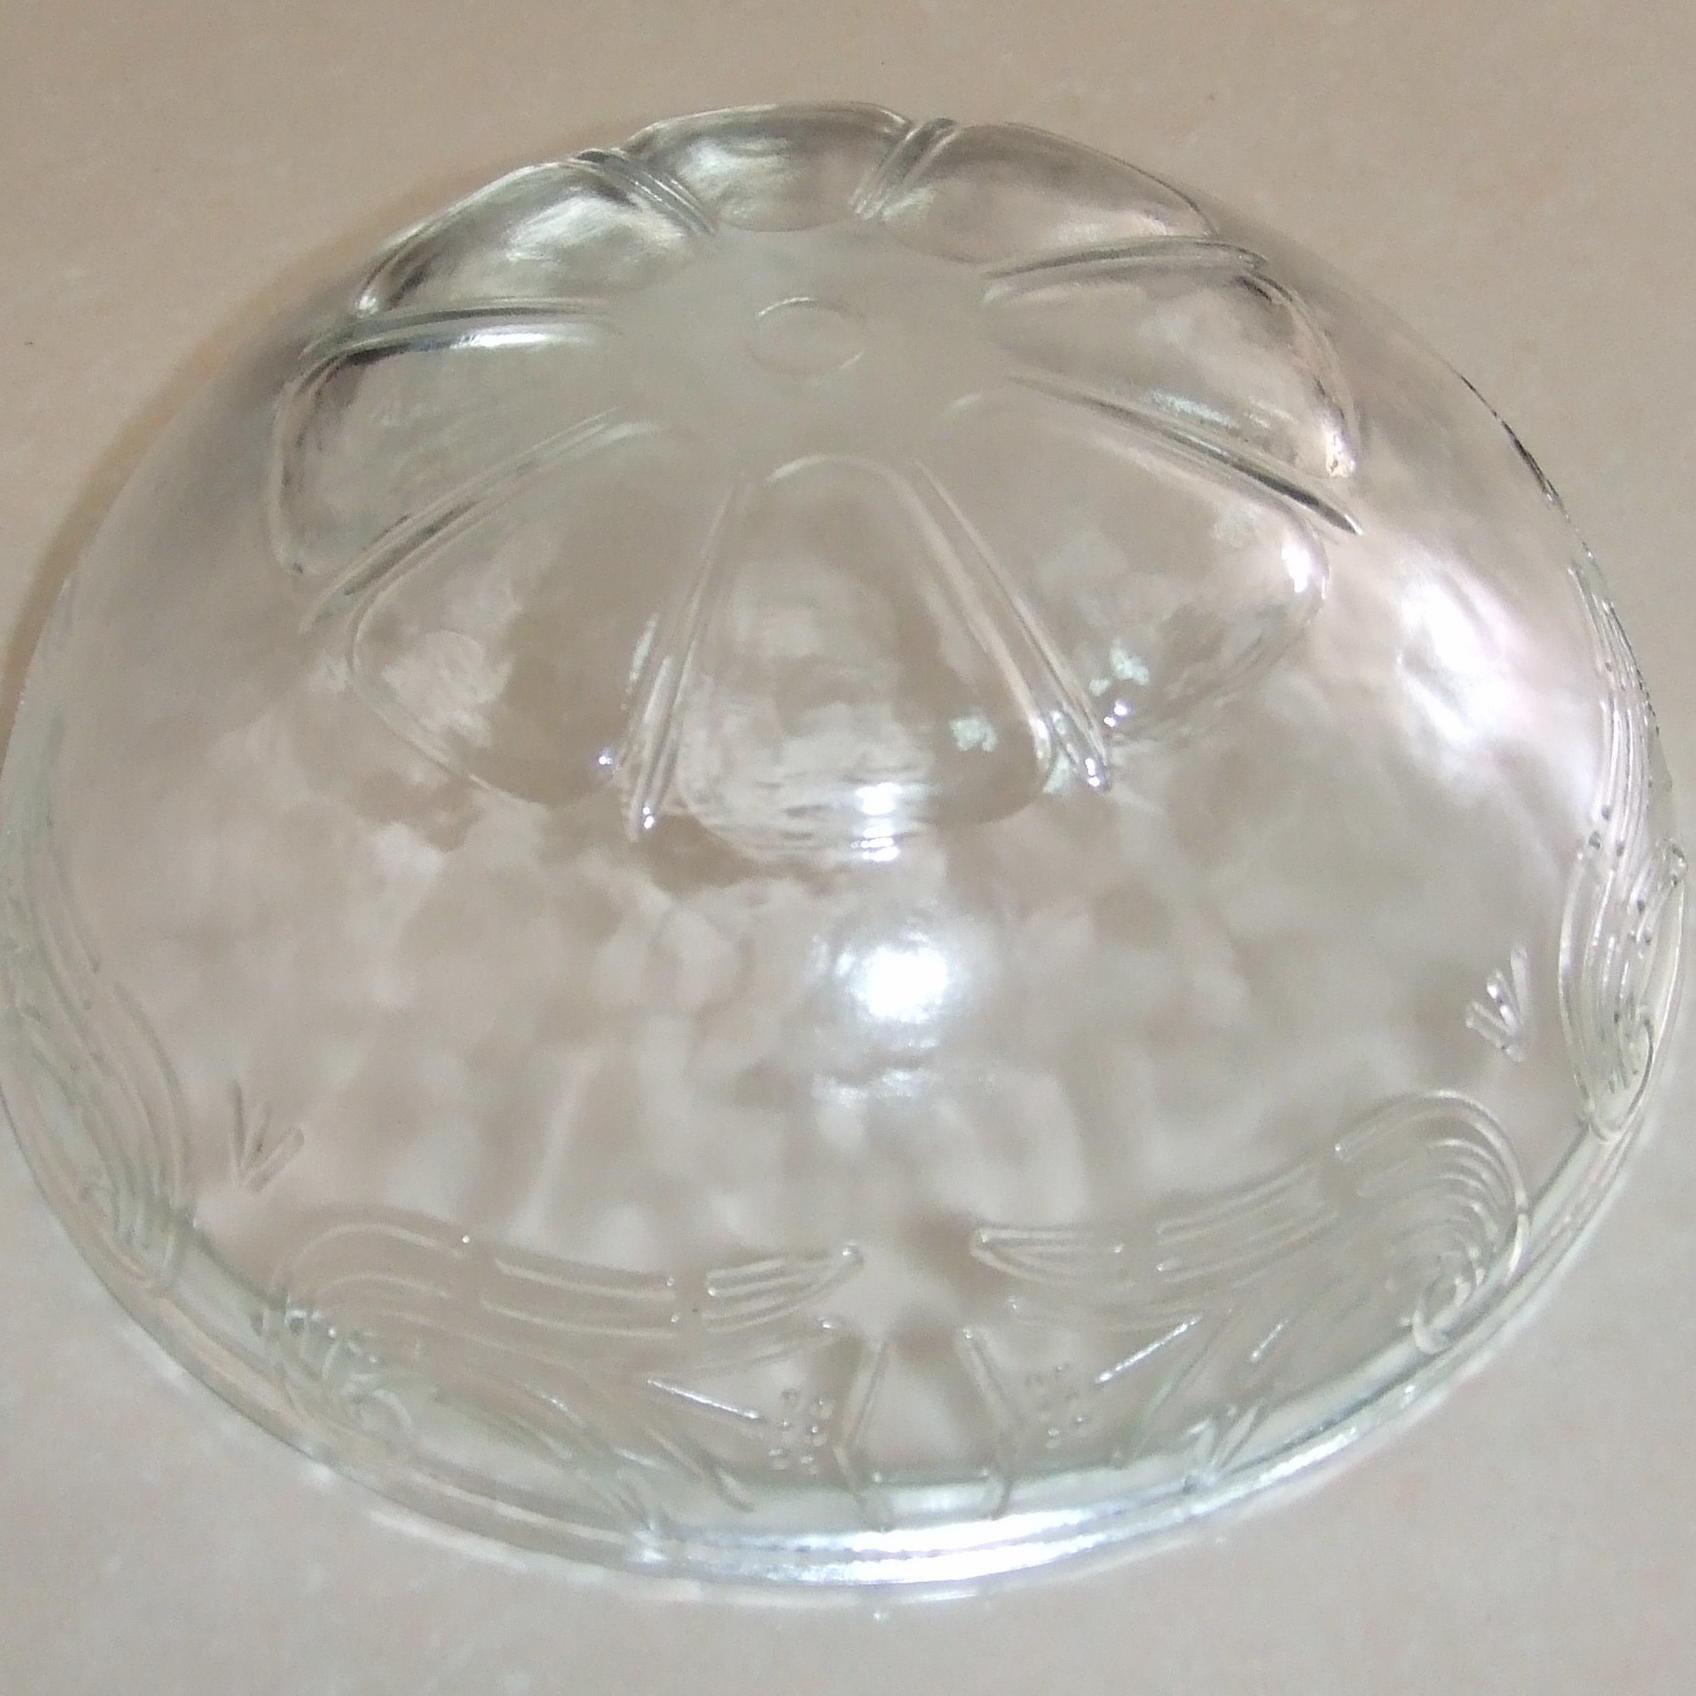 專業定制各種高品質   機壓玻璃燈罩   清光玻璃燈罩